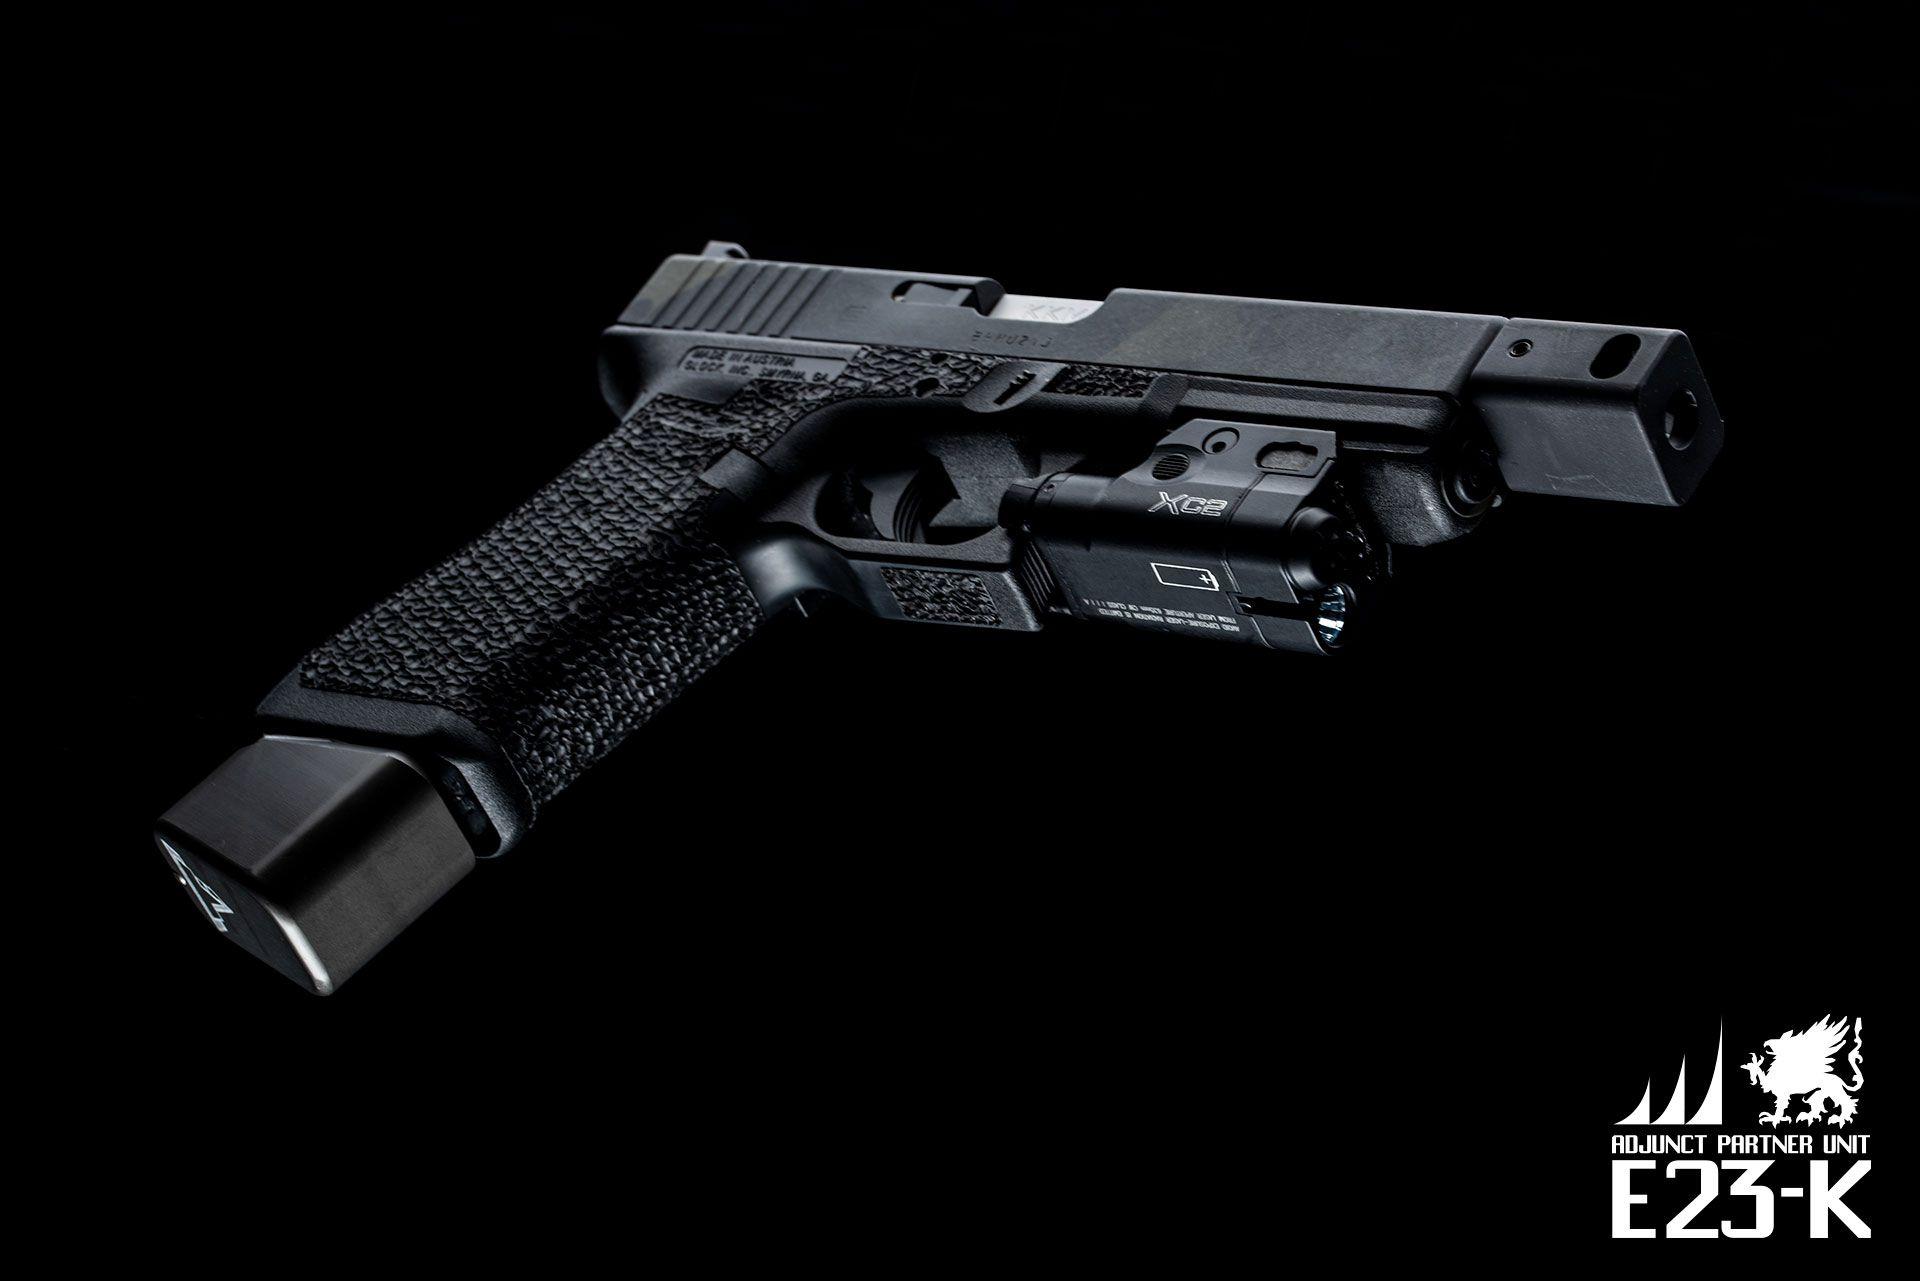 Black Powder | Black Powder Red Earth | Hand guns, Guns, Airsoft